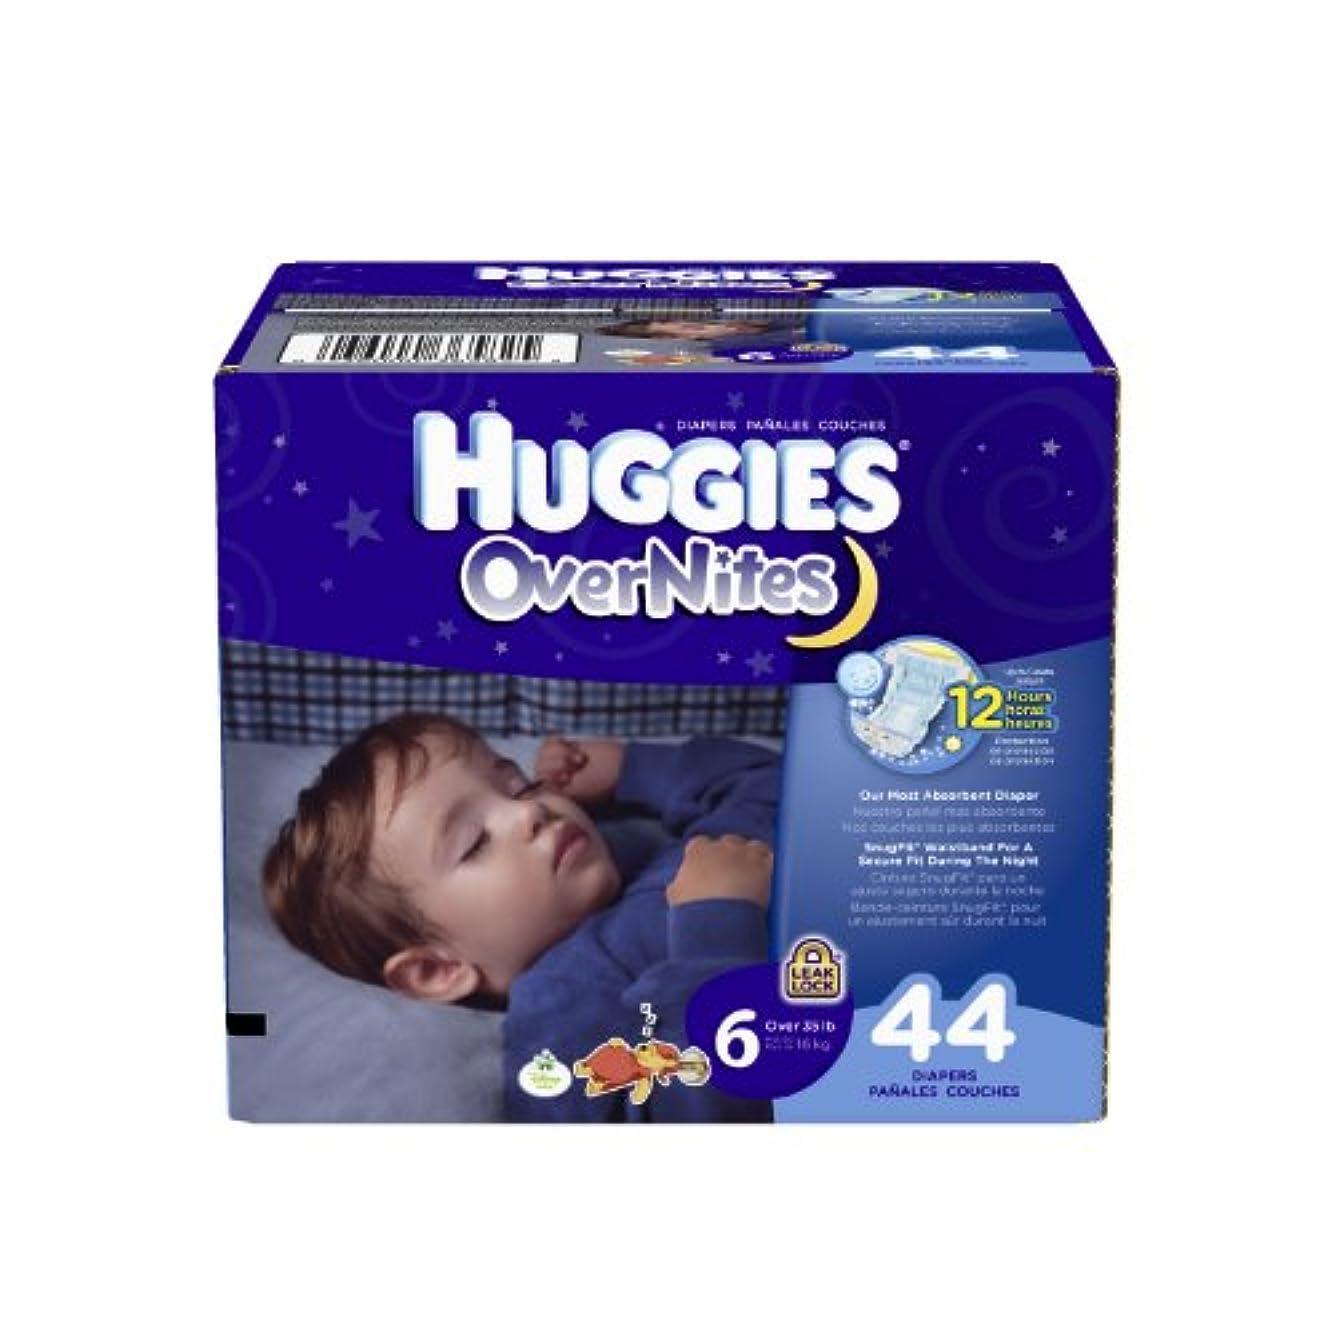 エチケット偽造刻むHuggies OverNites Diapers, Size 6, Big Pack, 44 Count by Huggies